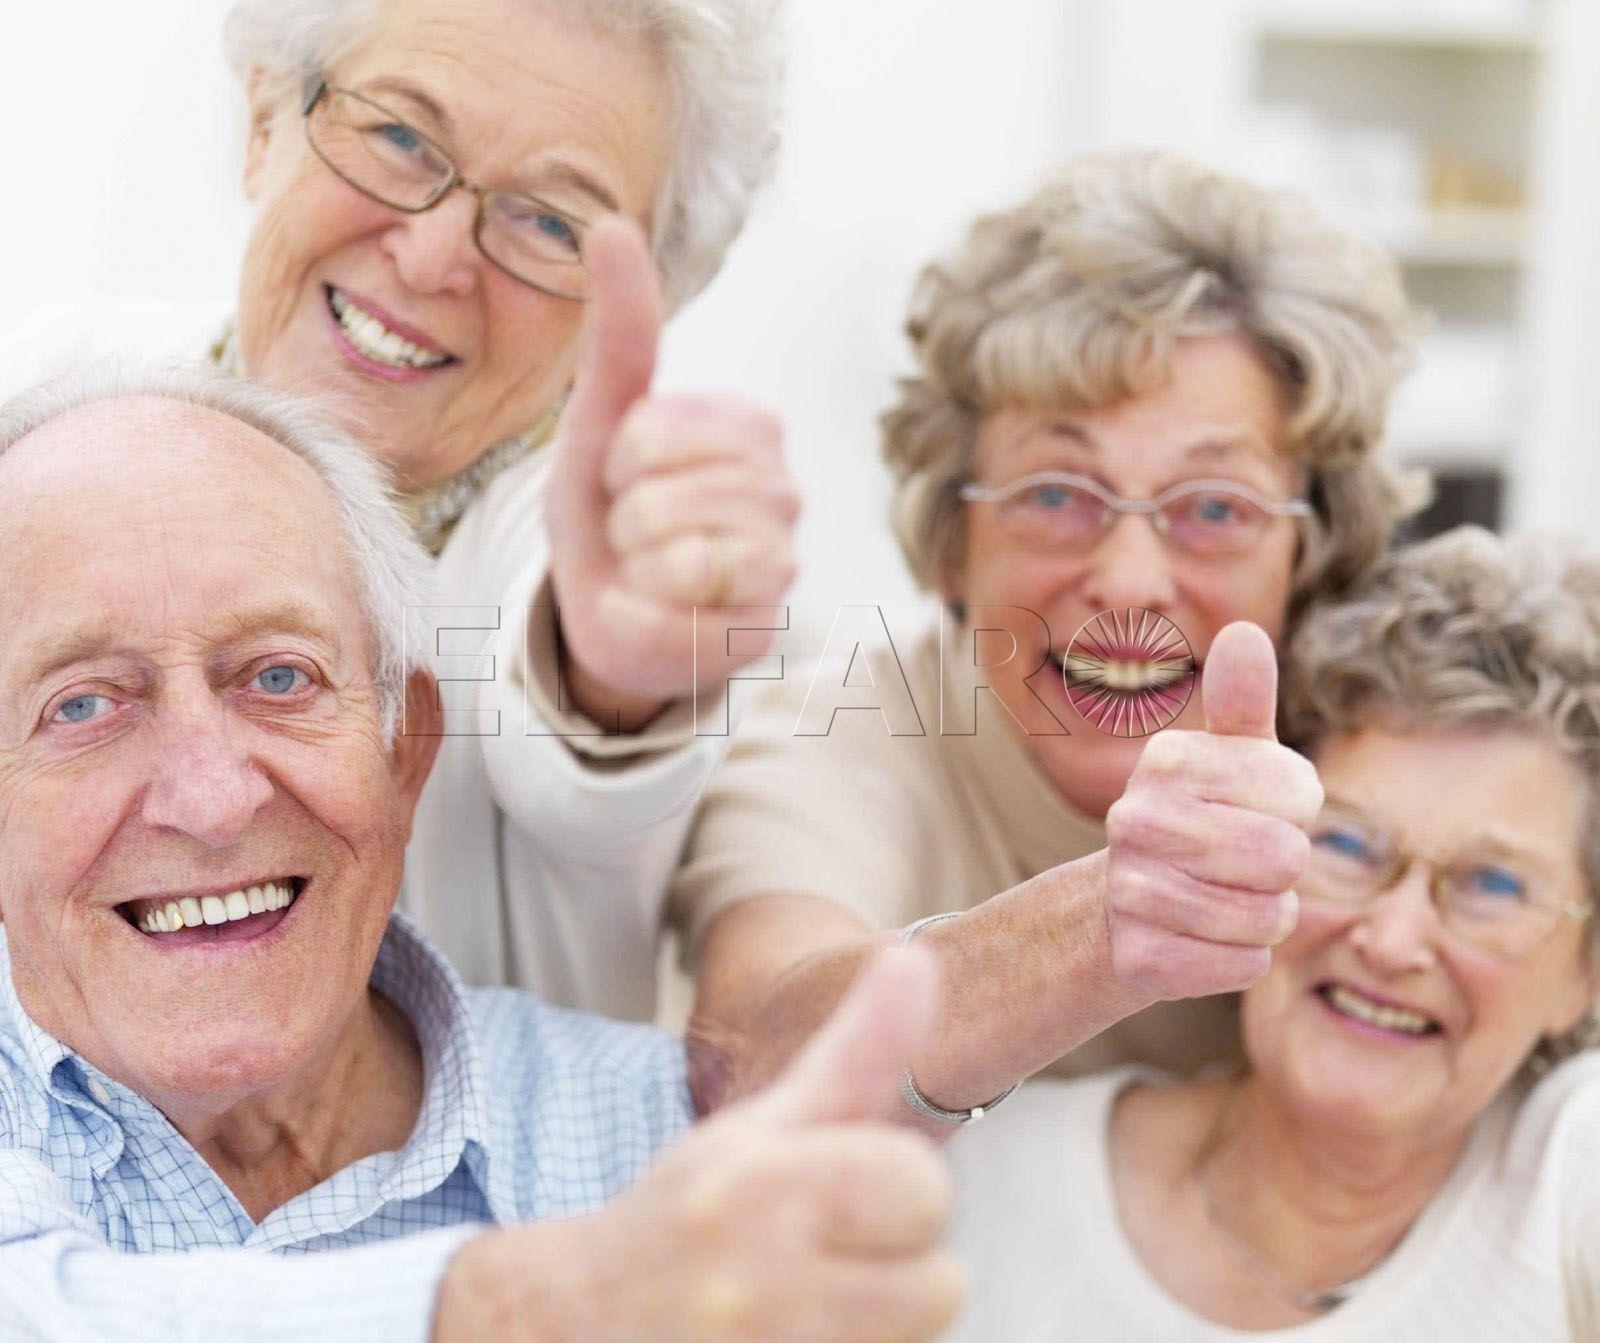 El envejecimiento individual | El Faro de Ceuta